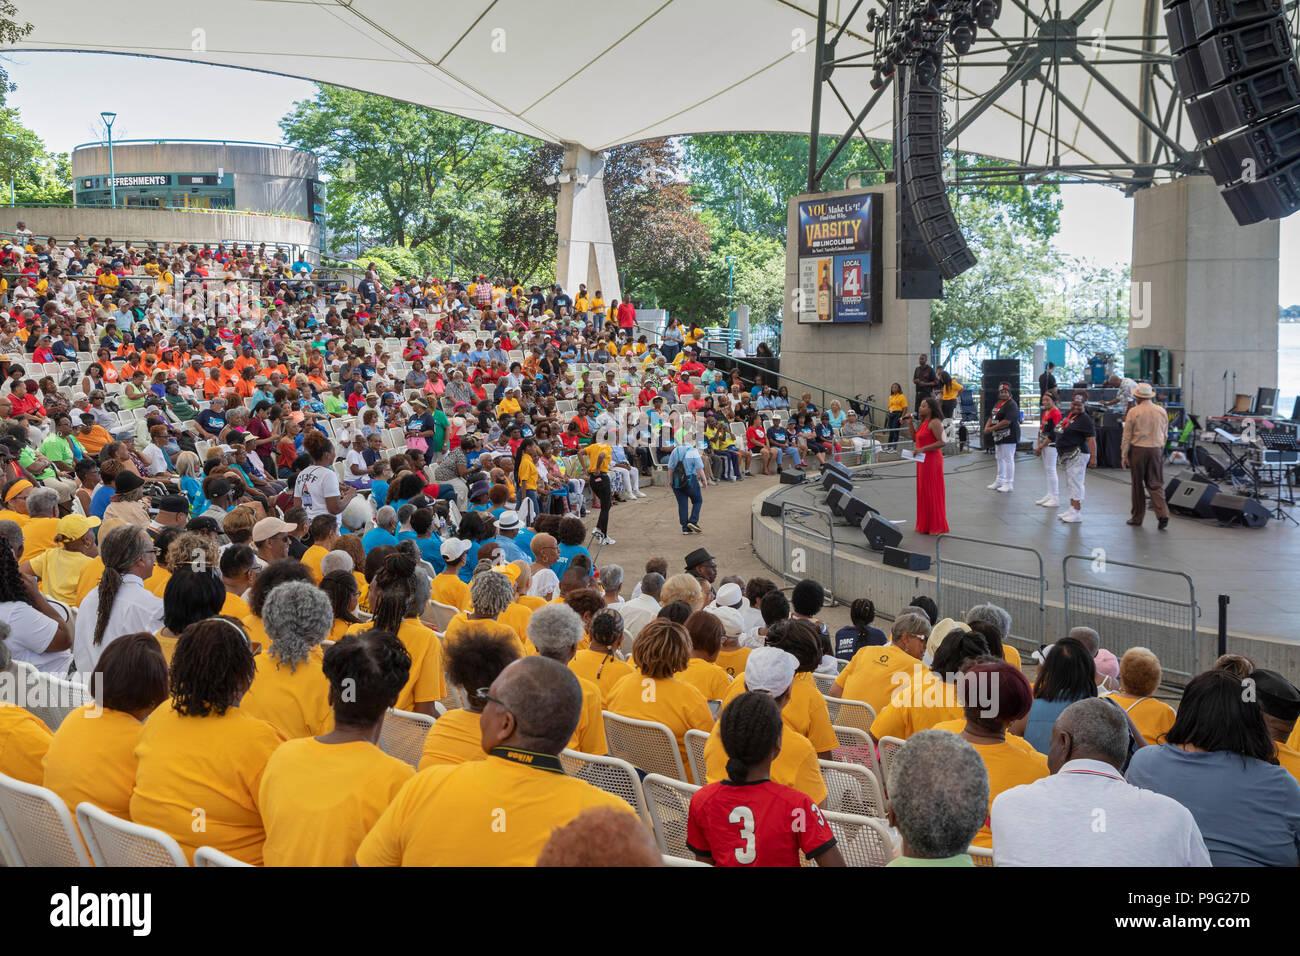 Detroit, Michigan - Senior amicizia Day, un evento che ha portato migliaia di cittadini anziani di Chene Park per la musica, balli e cibo. Le anche Foto Stock